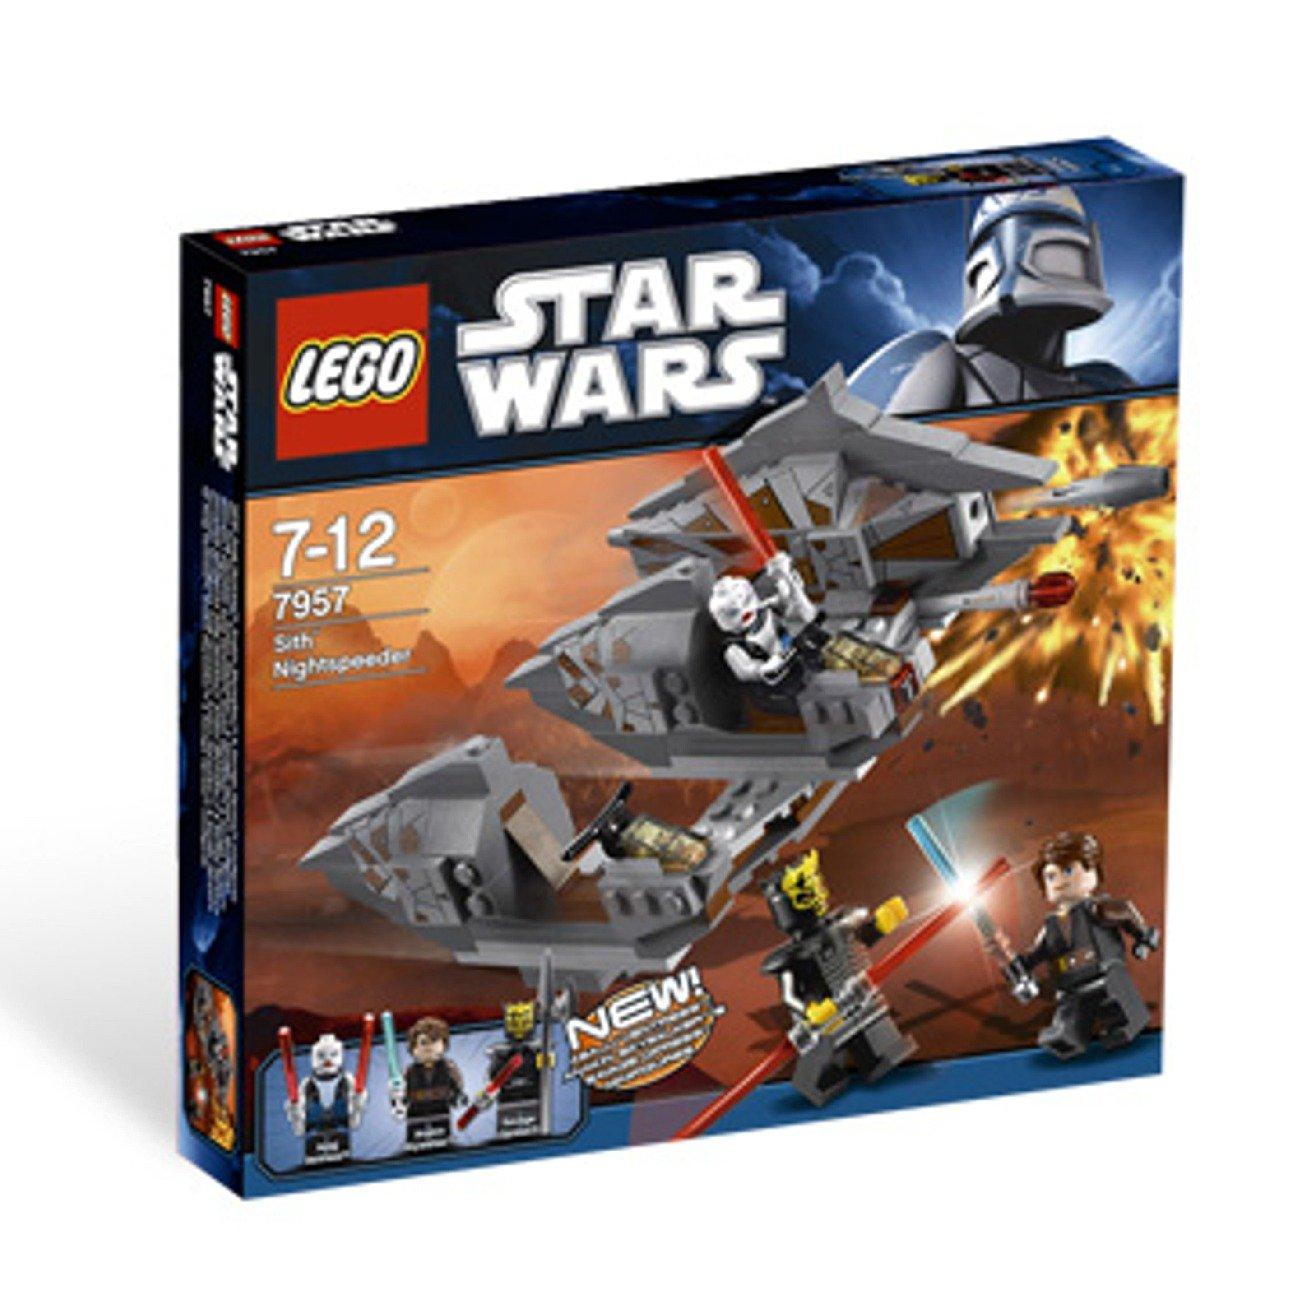 Lego Star Wars Sith Nightspeeder – 21pcs. günstig als Geschenk kaufen